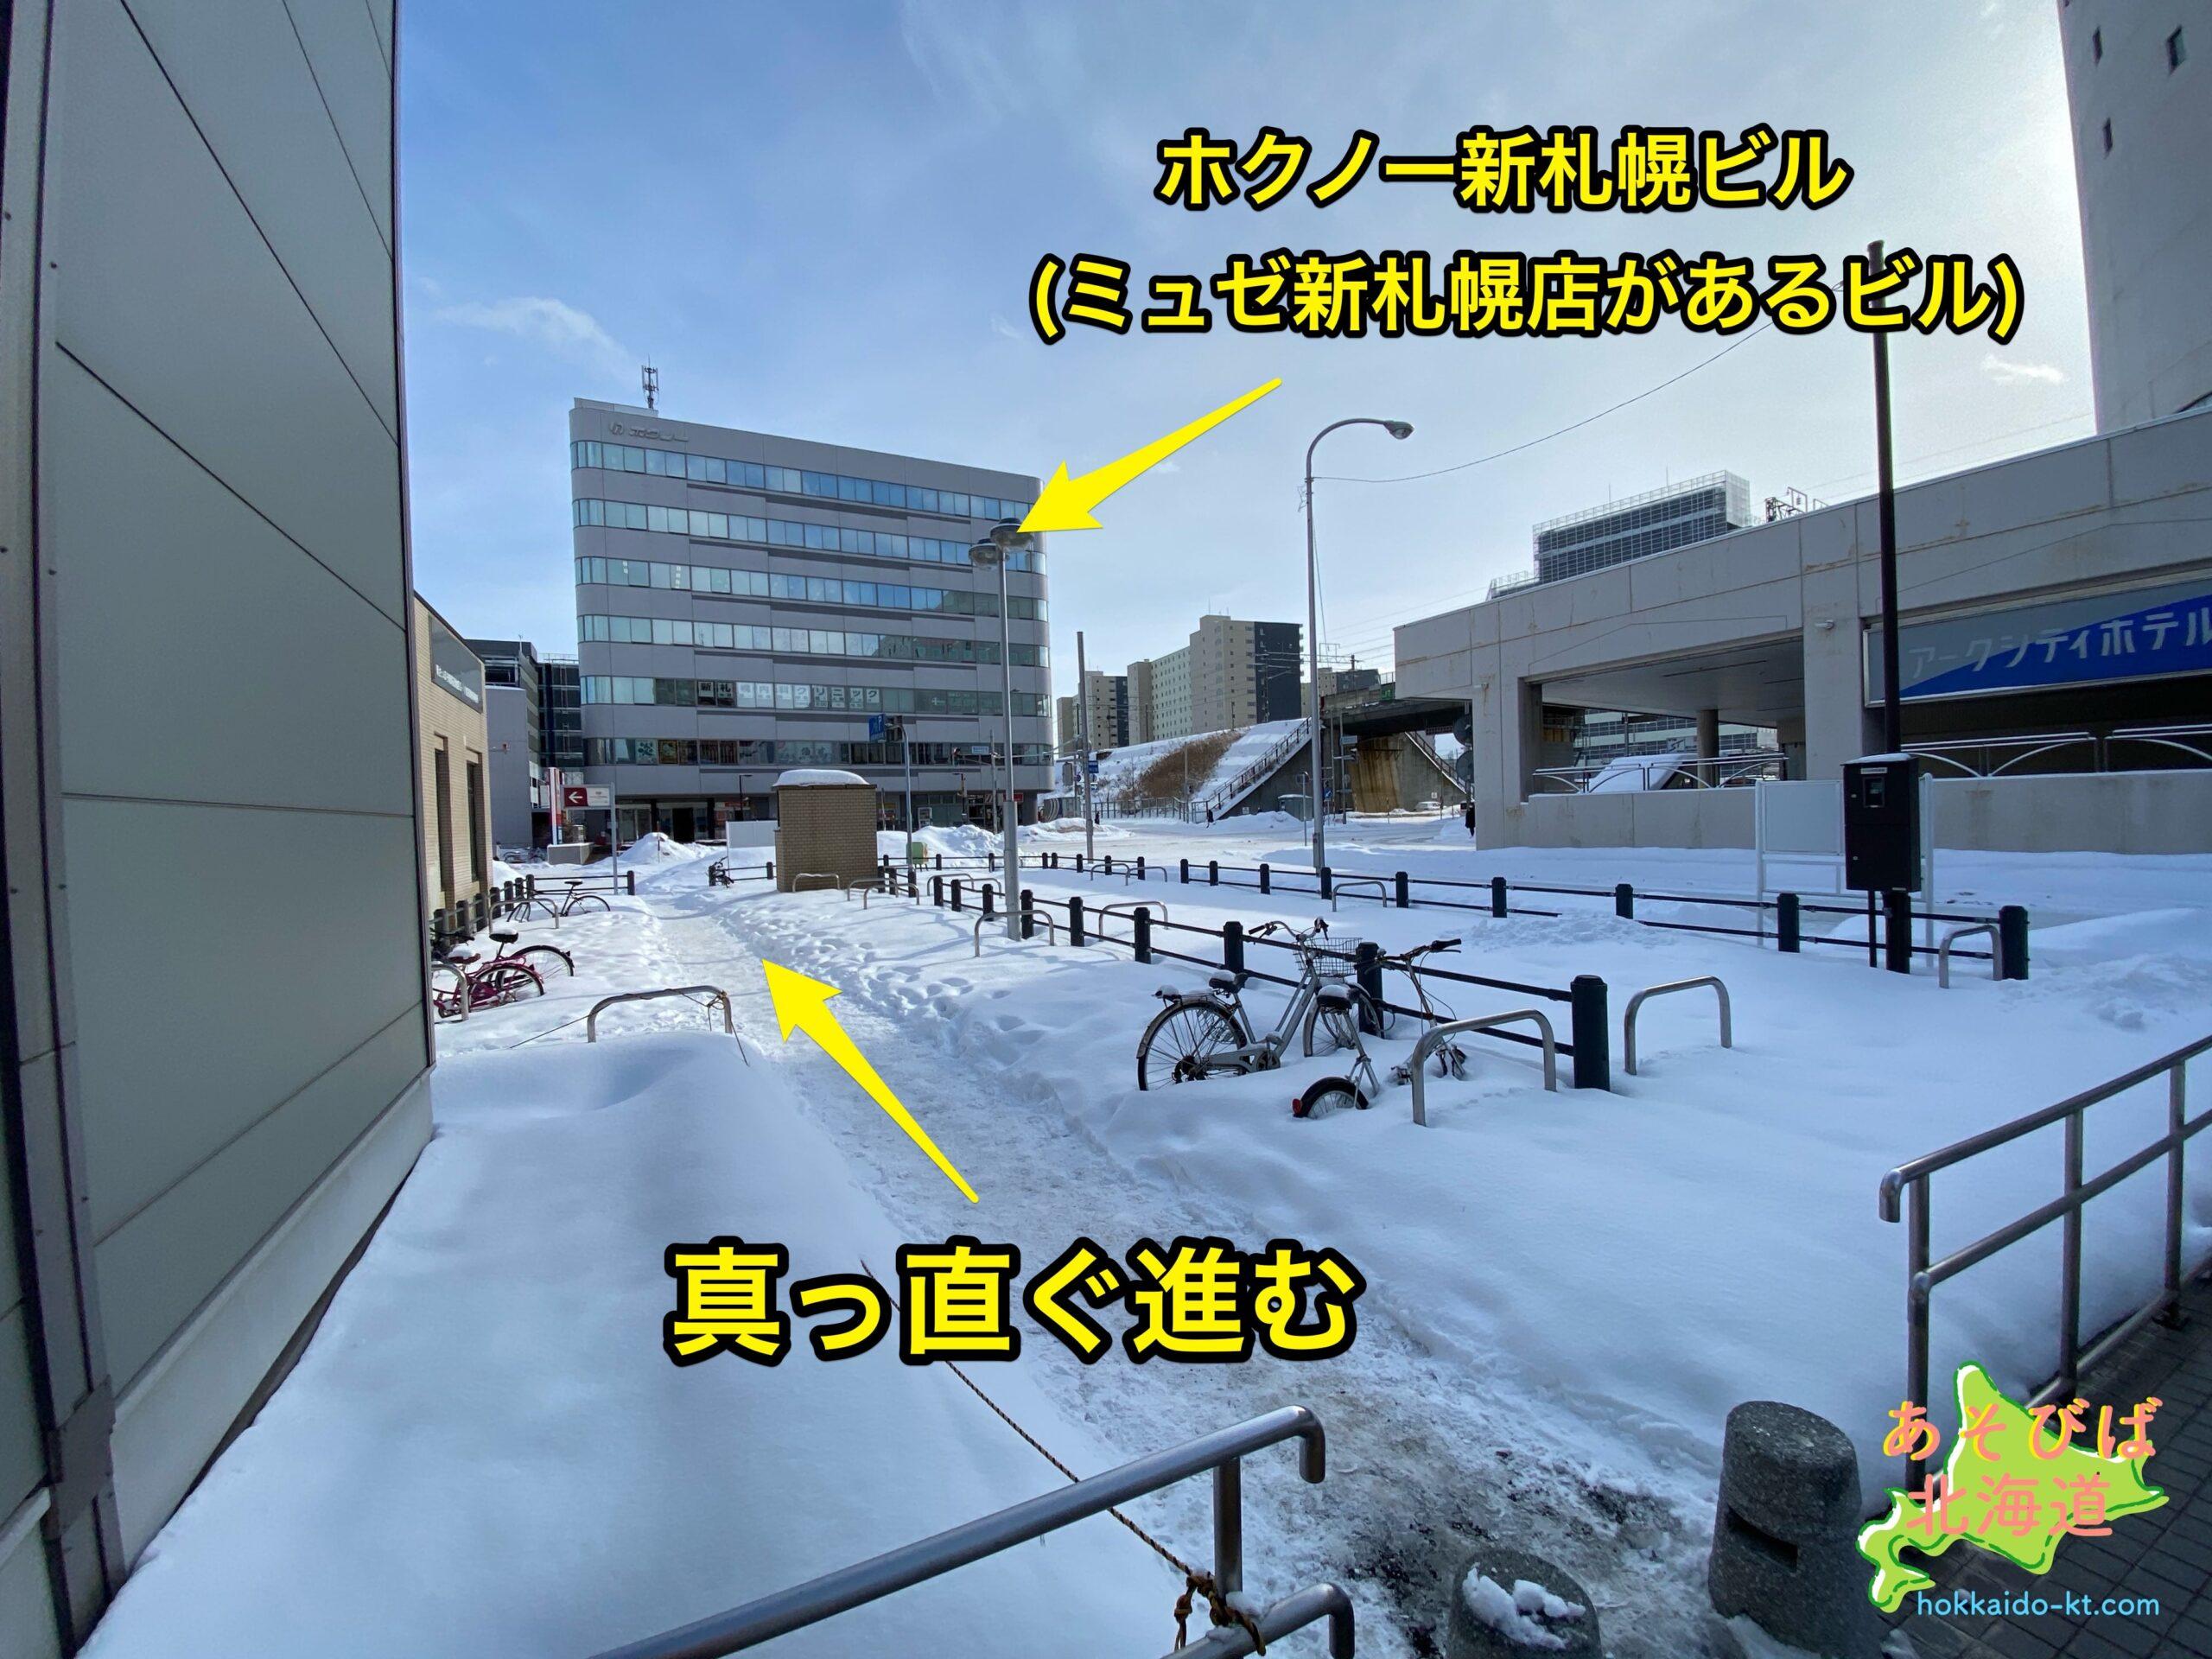 新札幌駅からミュゼ新札幌店